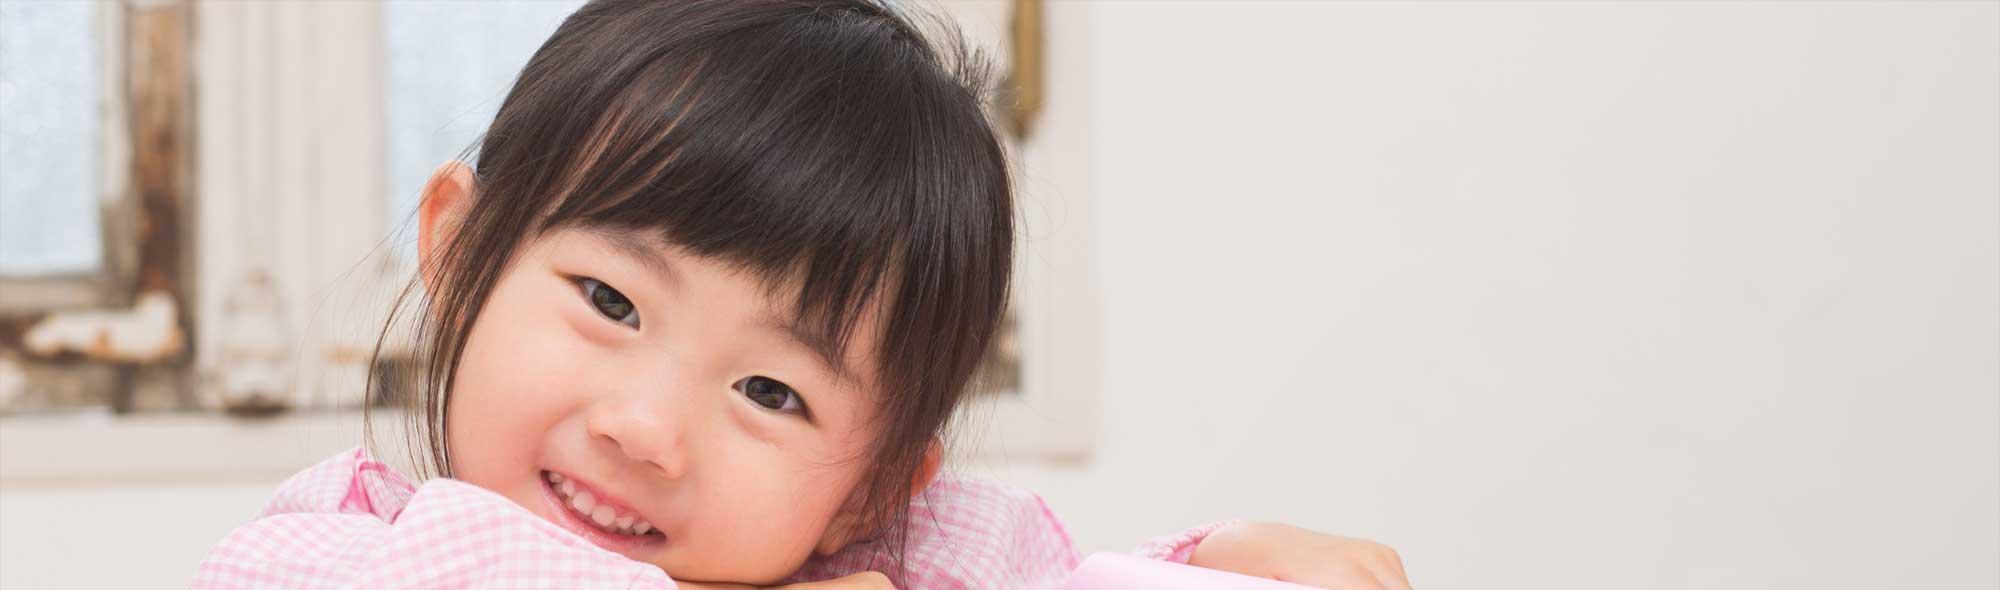 【家族カウンセリング講座内容】子どもの能力を聞き出すコツ 「3つほめて1つ伸ばす!」の実践で大人も子どもも幸せに